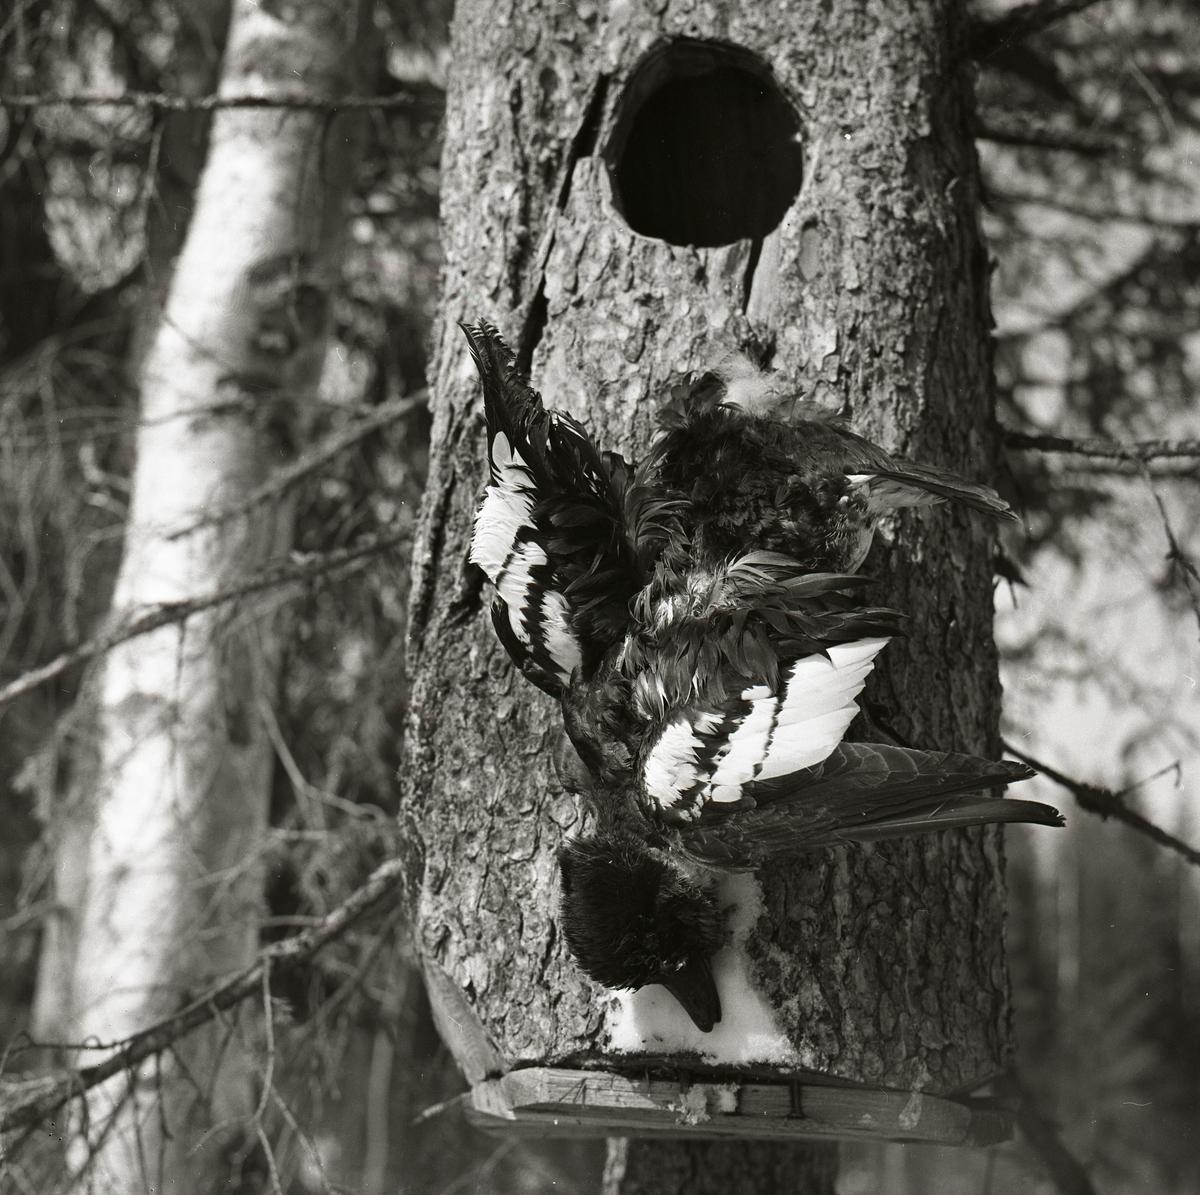 En död knipa hänger nedanför öppningen till en fågelholk vid Ottsjön, 12 april 1959.